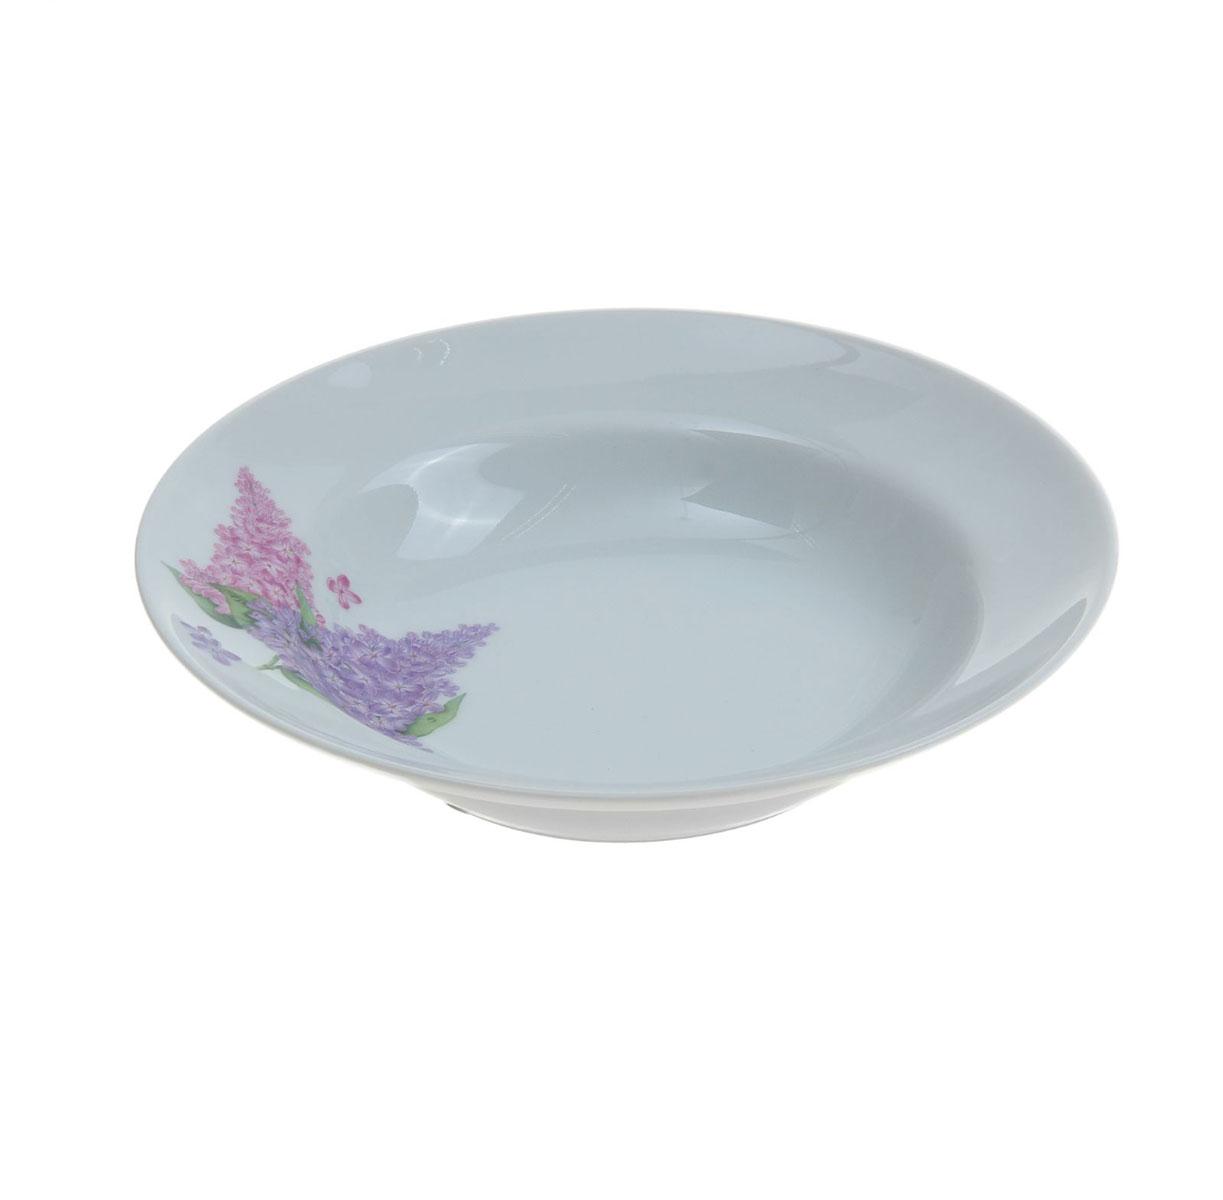 Тарелка глубокая Идиллия. Сирень, диаметр 20 см1035442Глубокая тарелка Идиллия. Сирень, выполненная из высококачественного фарфора, идеальна для сервировки стола первыми блюдами. Она прекрасно впишется в интерьер вашей кухни и станет достойным дополнением к кухонному инвентарю. Тарелка Идиллия. Сирень подчеркнет прекрасный вкус хозяйки и станет отличным подарком. Диаметр тарелки: 20 см.